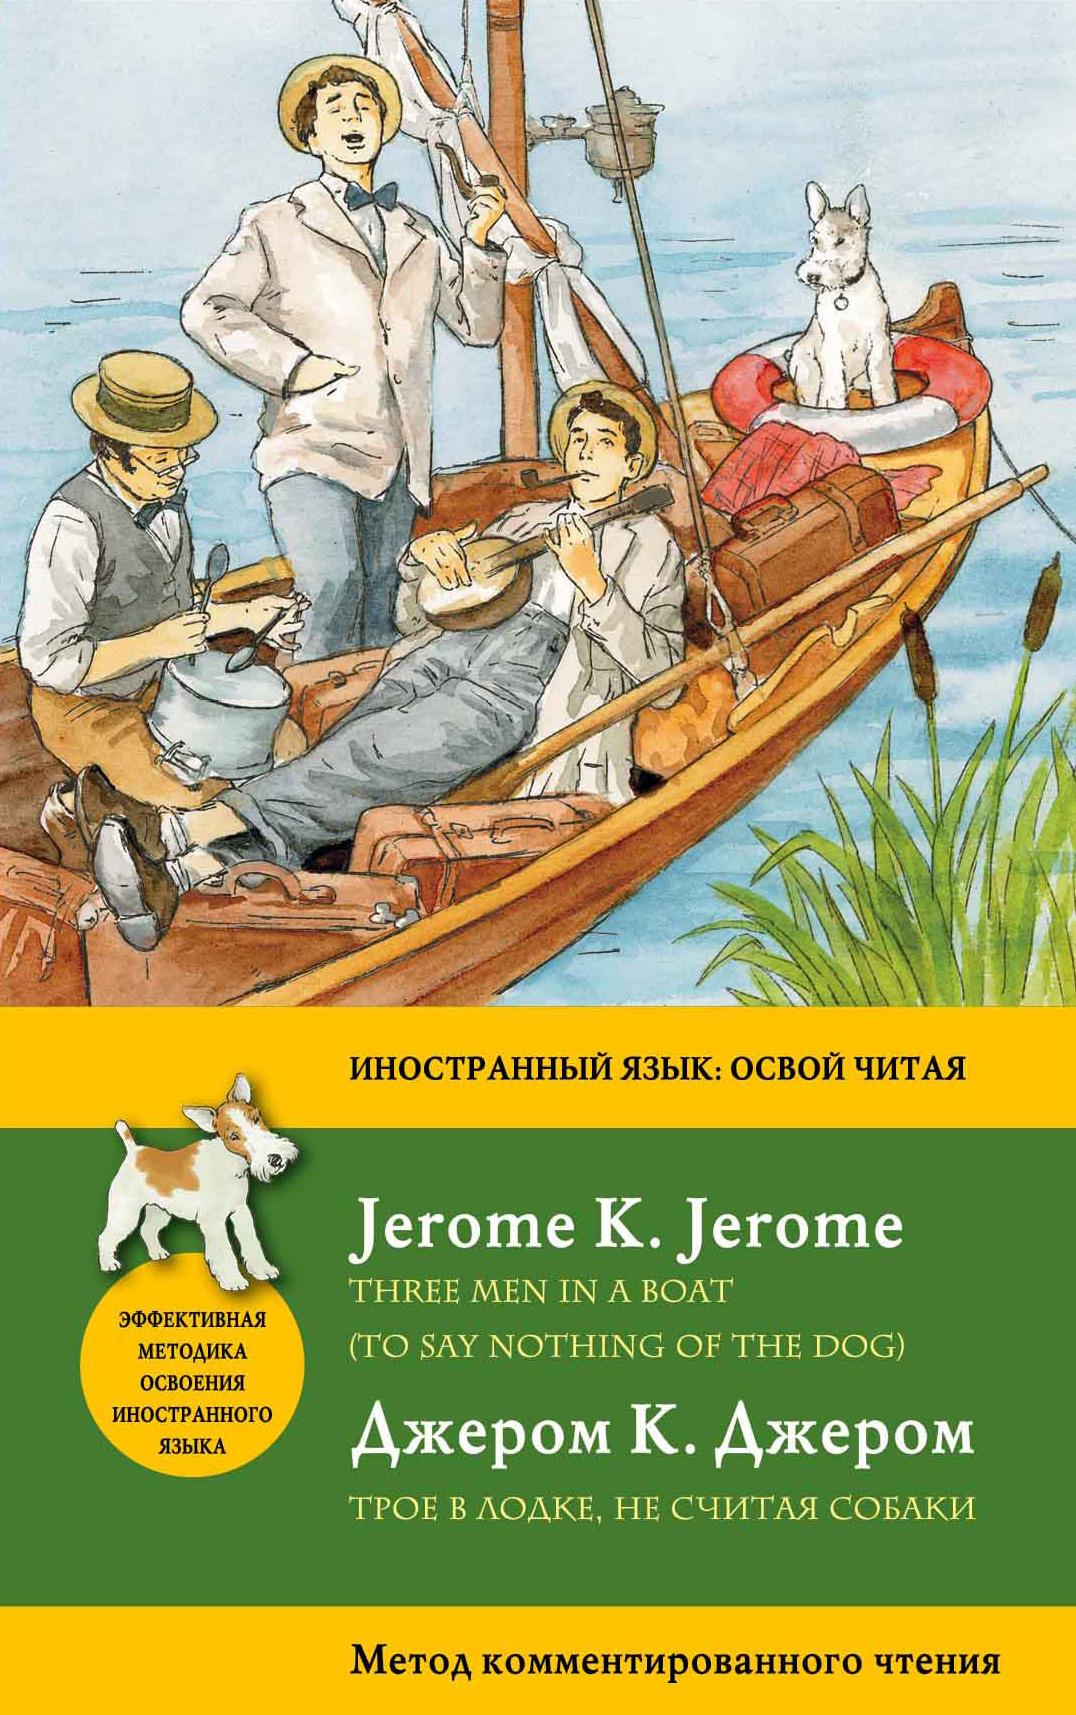 Джером Клапка Джером Трое в лодке, не считая собаки / Three Men in a Boat (To Say Nothing of the Dog). Метод комментированного чтения